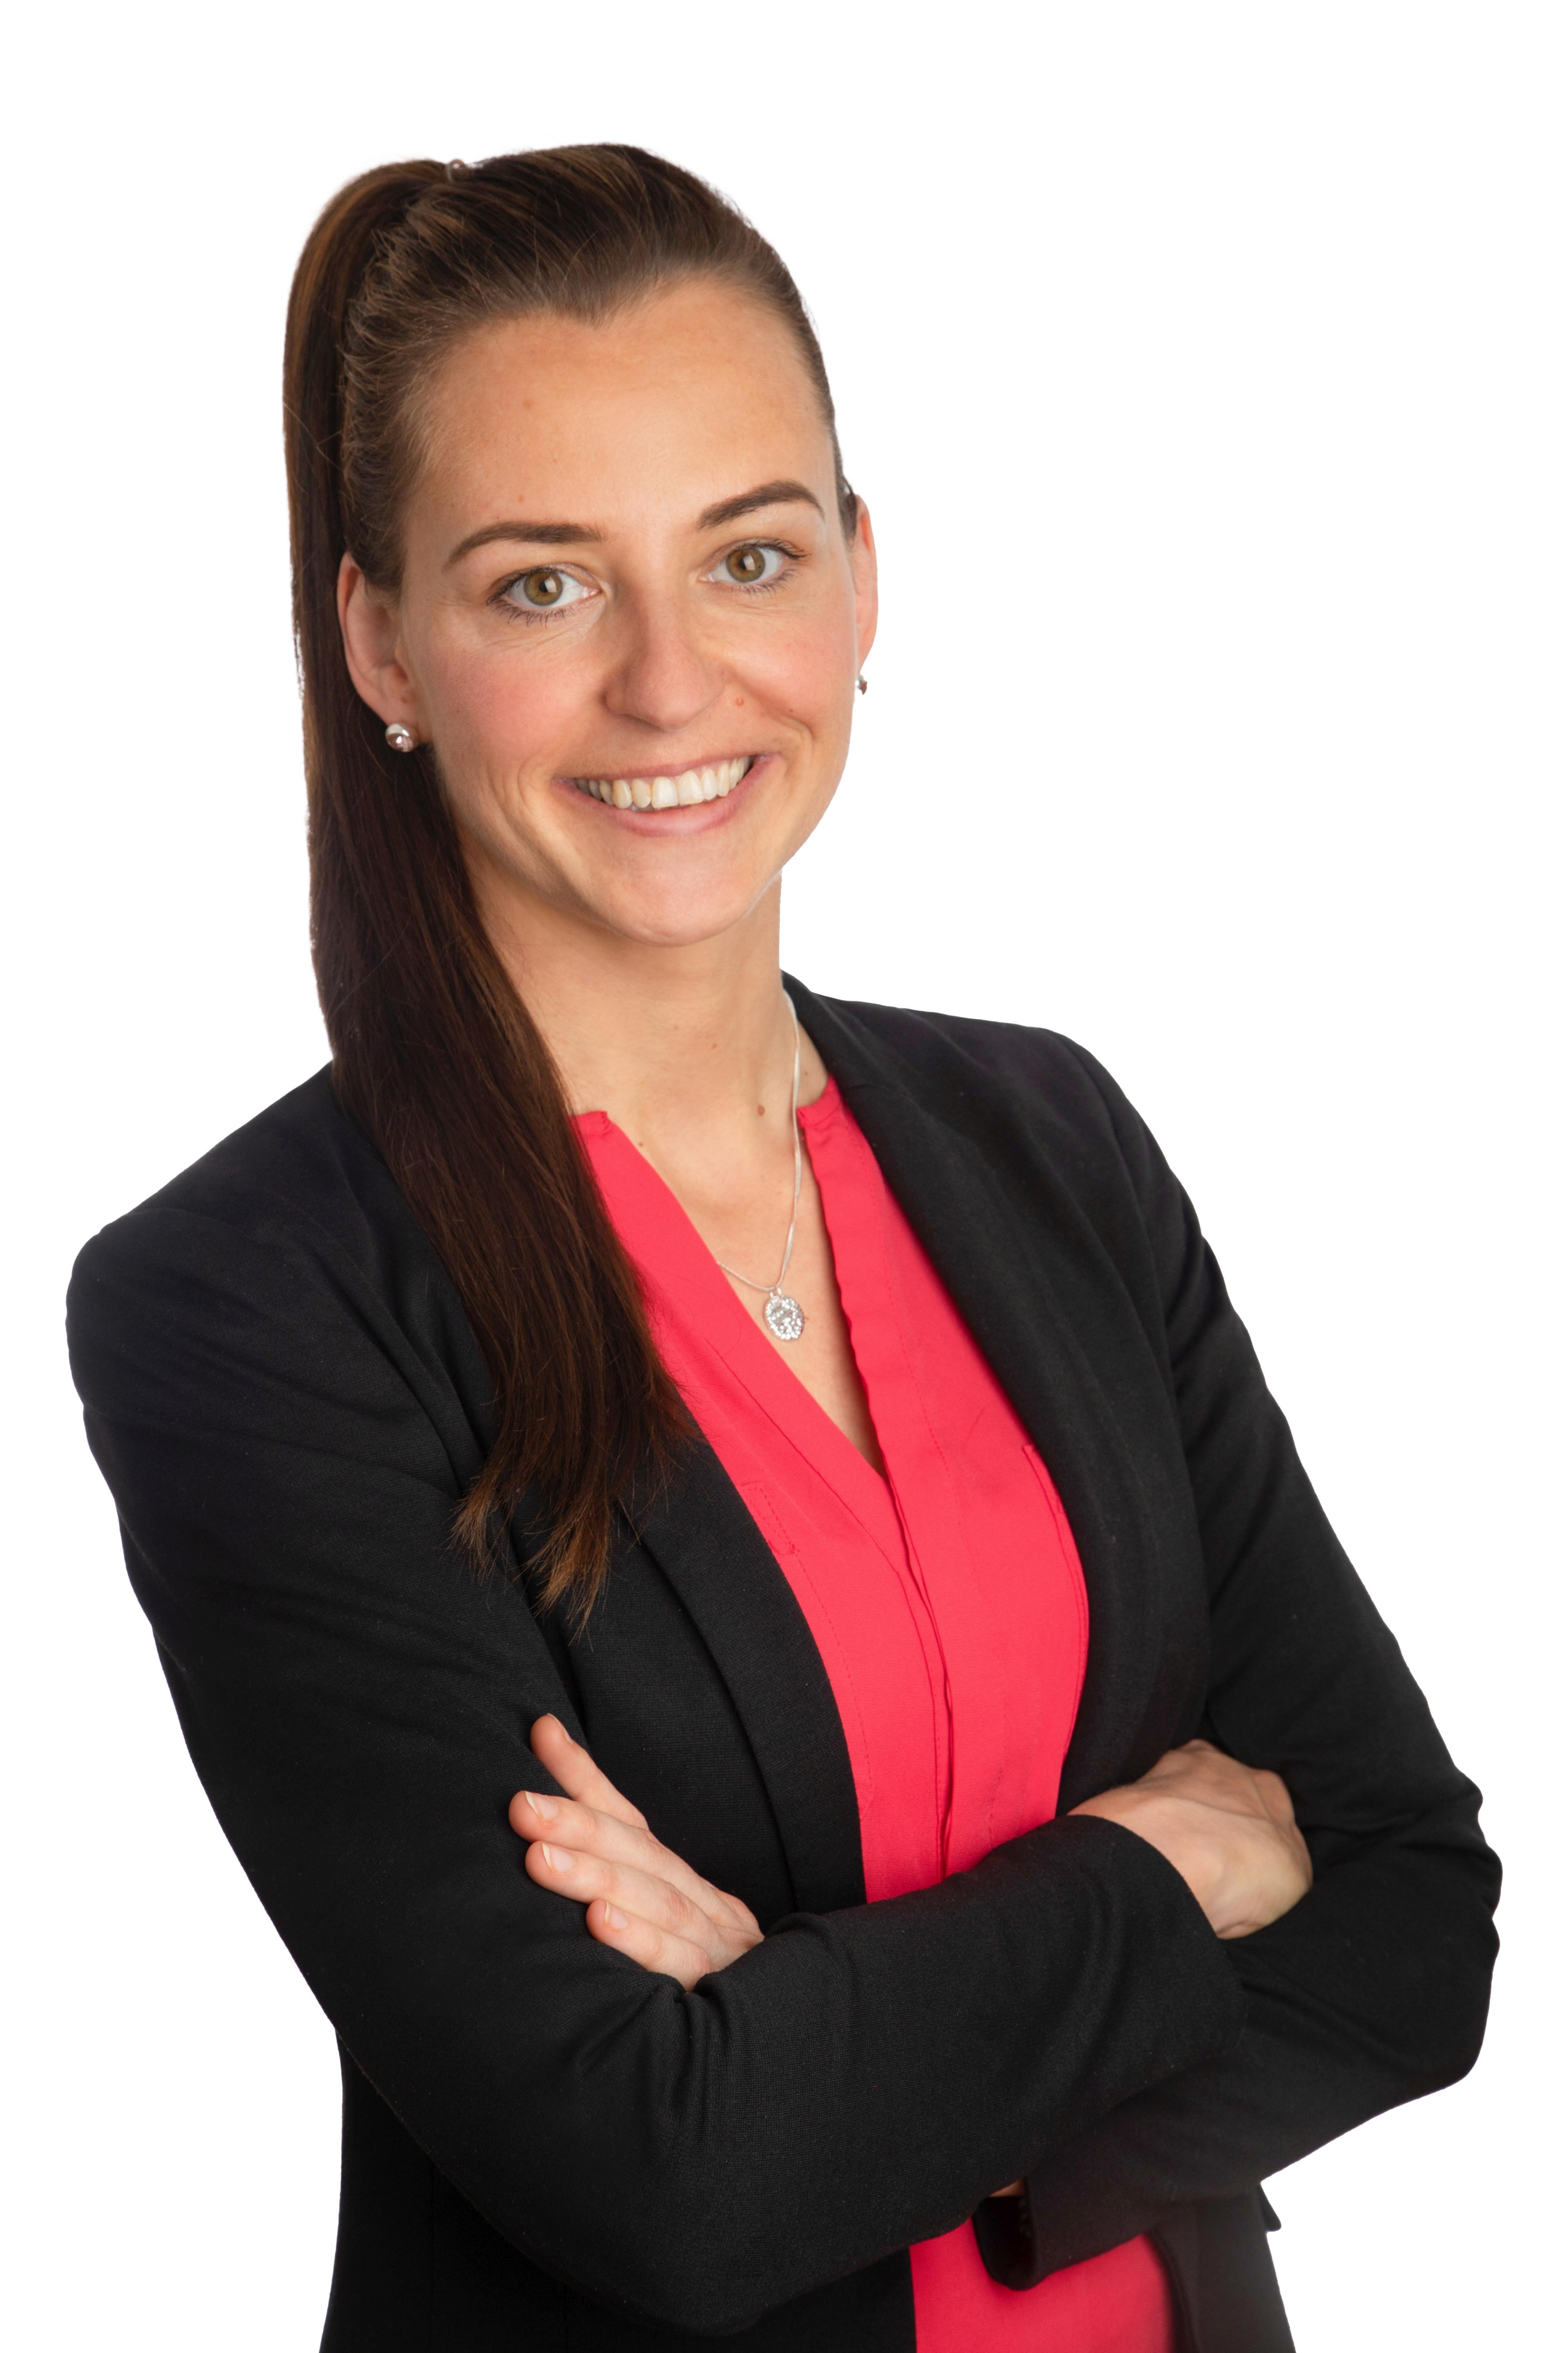 Janin Hemken